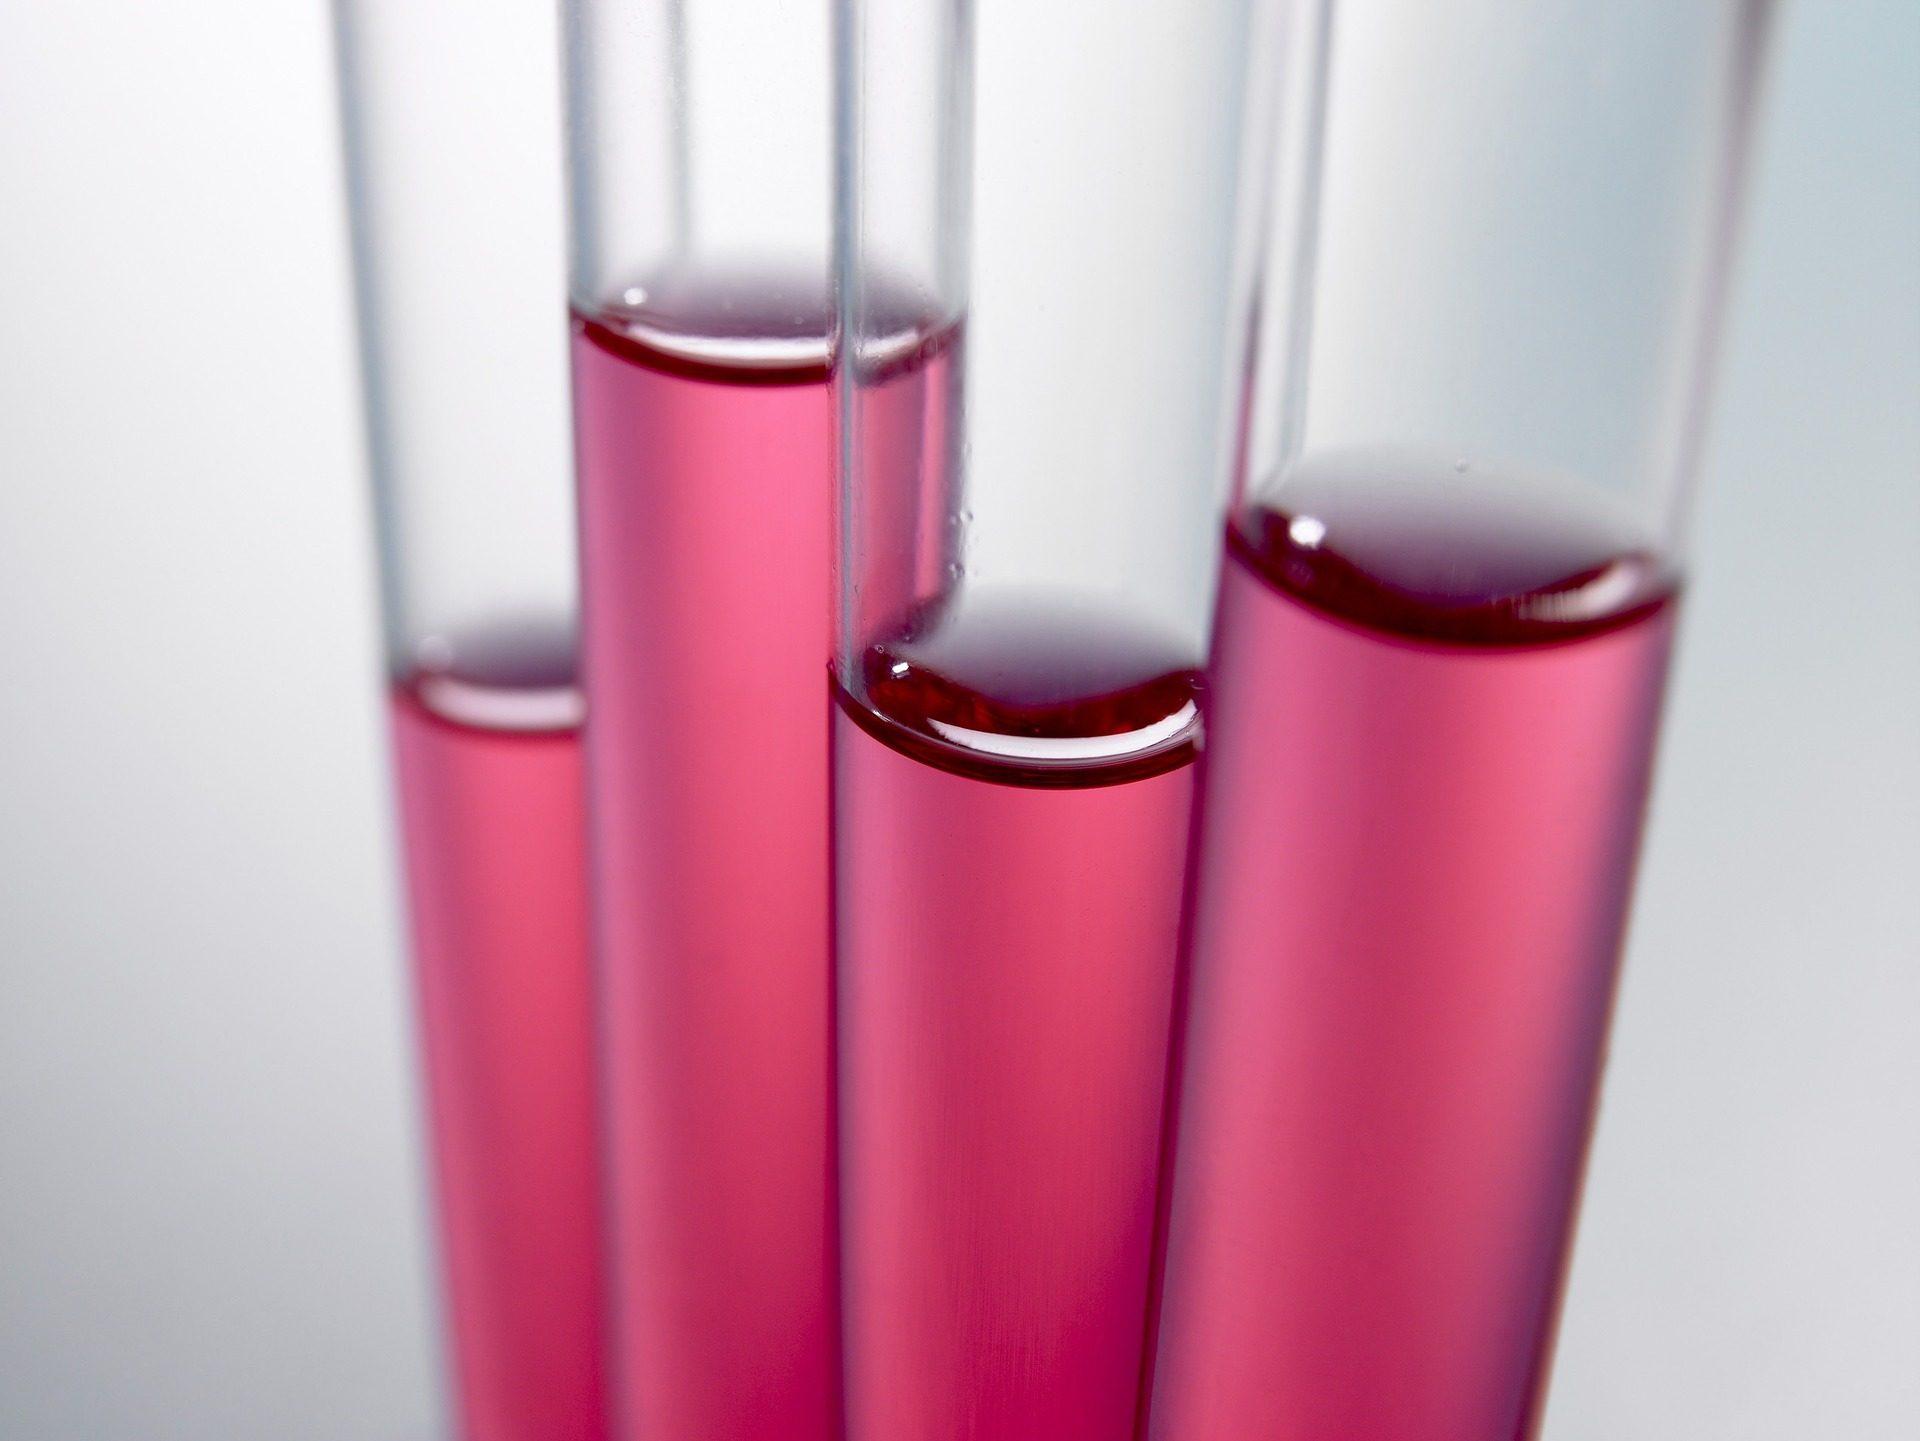 tubi, saggio, vetro, Cristallo, liquido, Chimica - Sfondi HD - Professor-falken.com